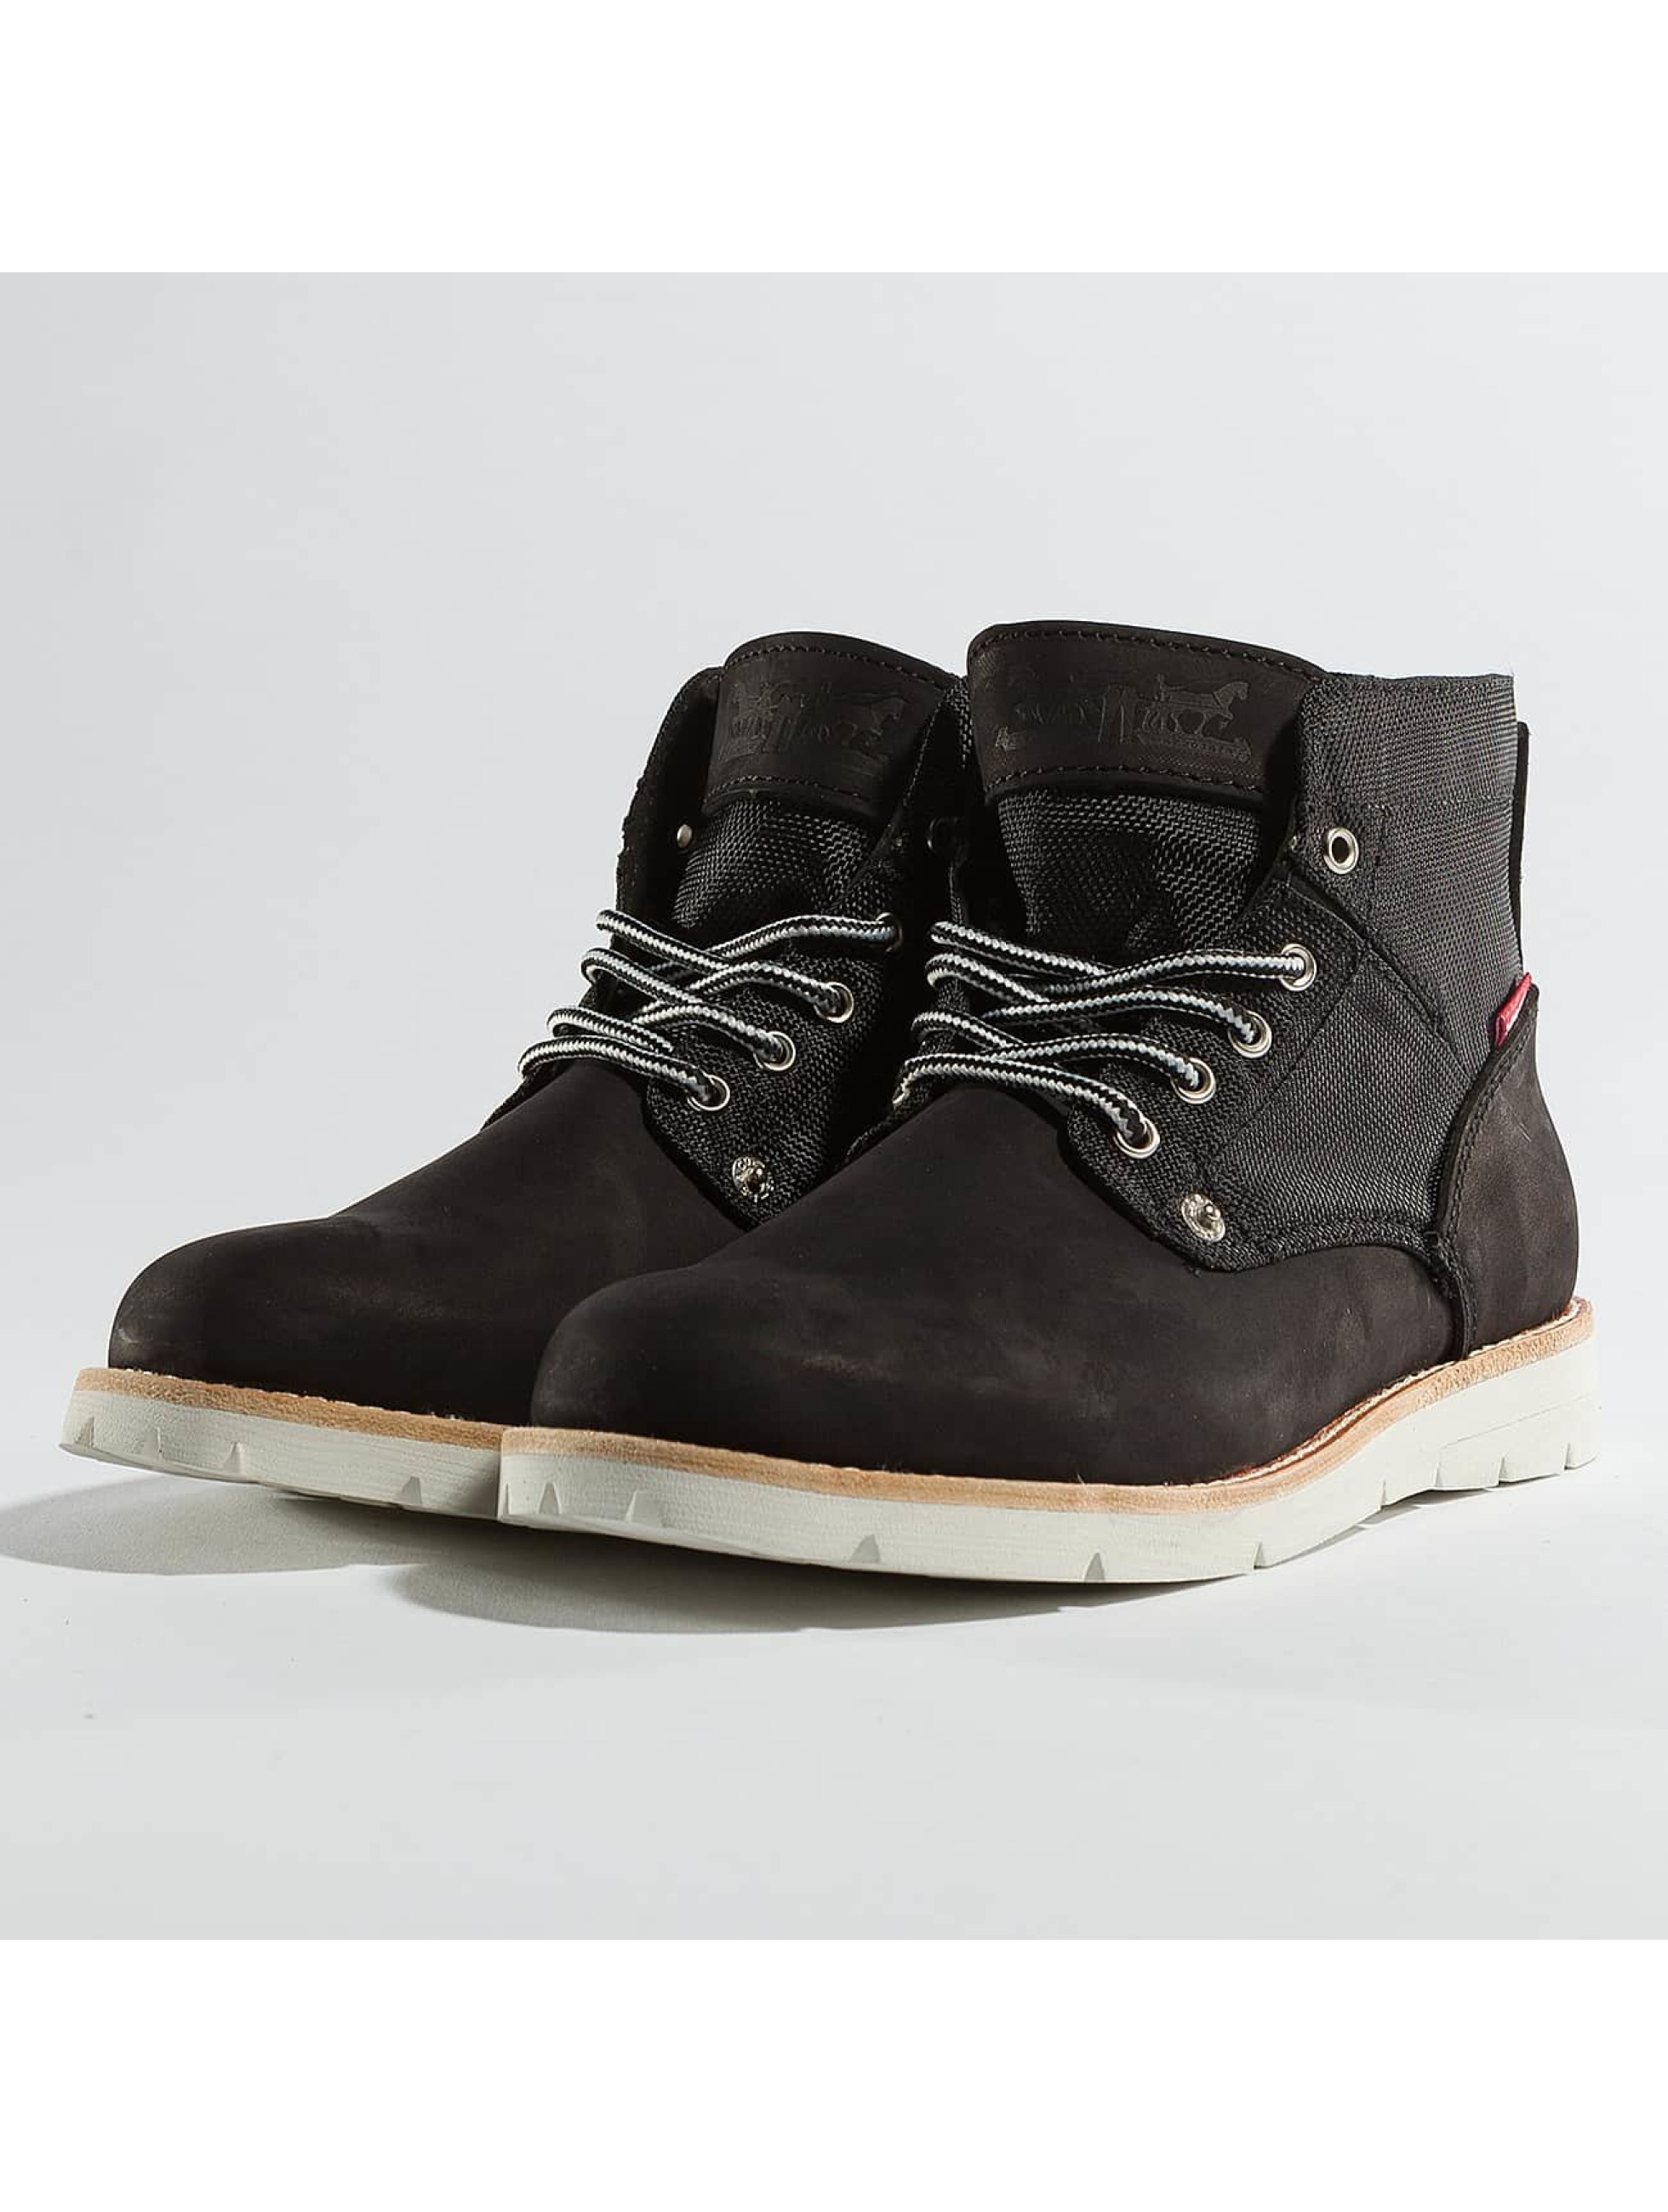 levi 39 s jax noir femme chaussures montantes 396092. Black Bedroom Furniture Sets. Home Design Ideas